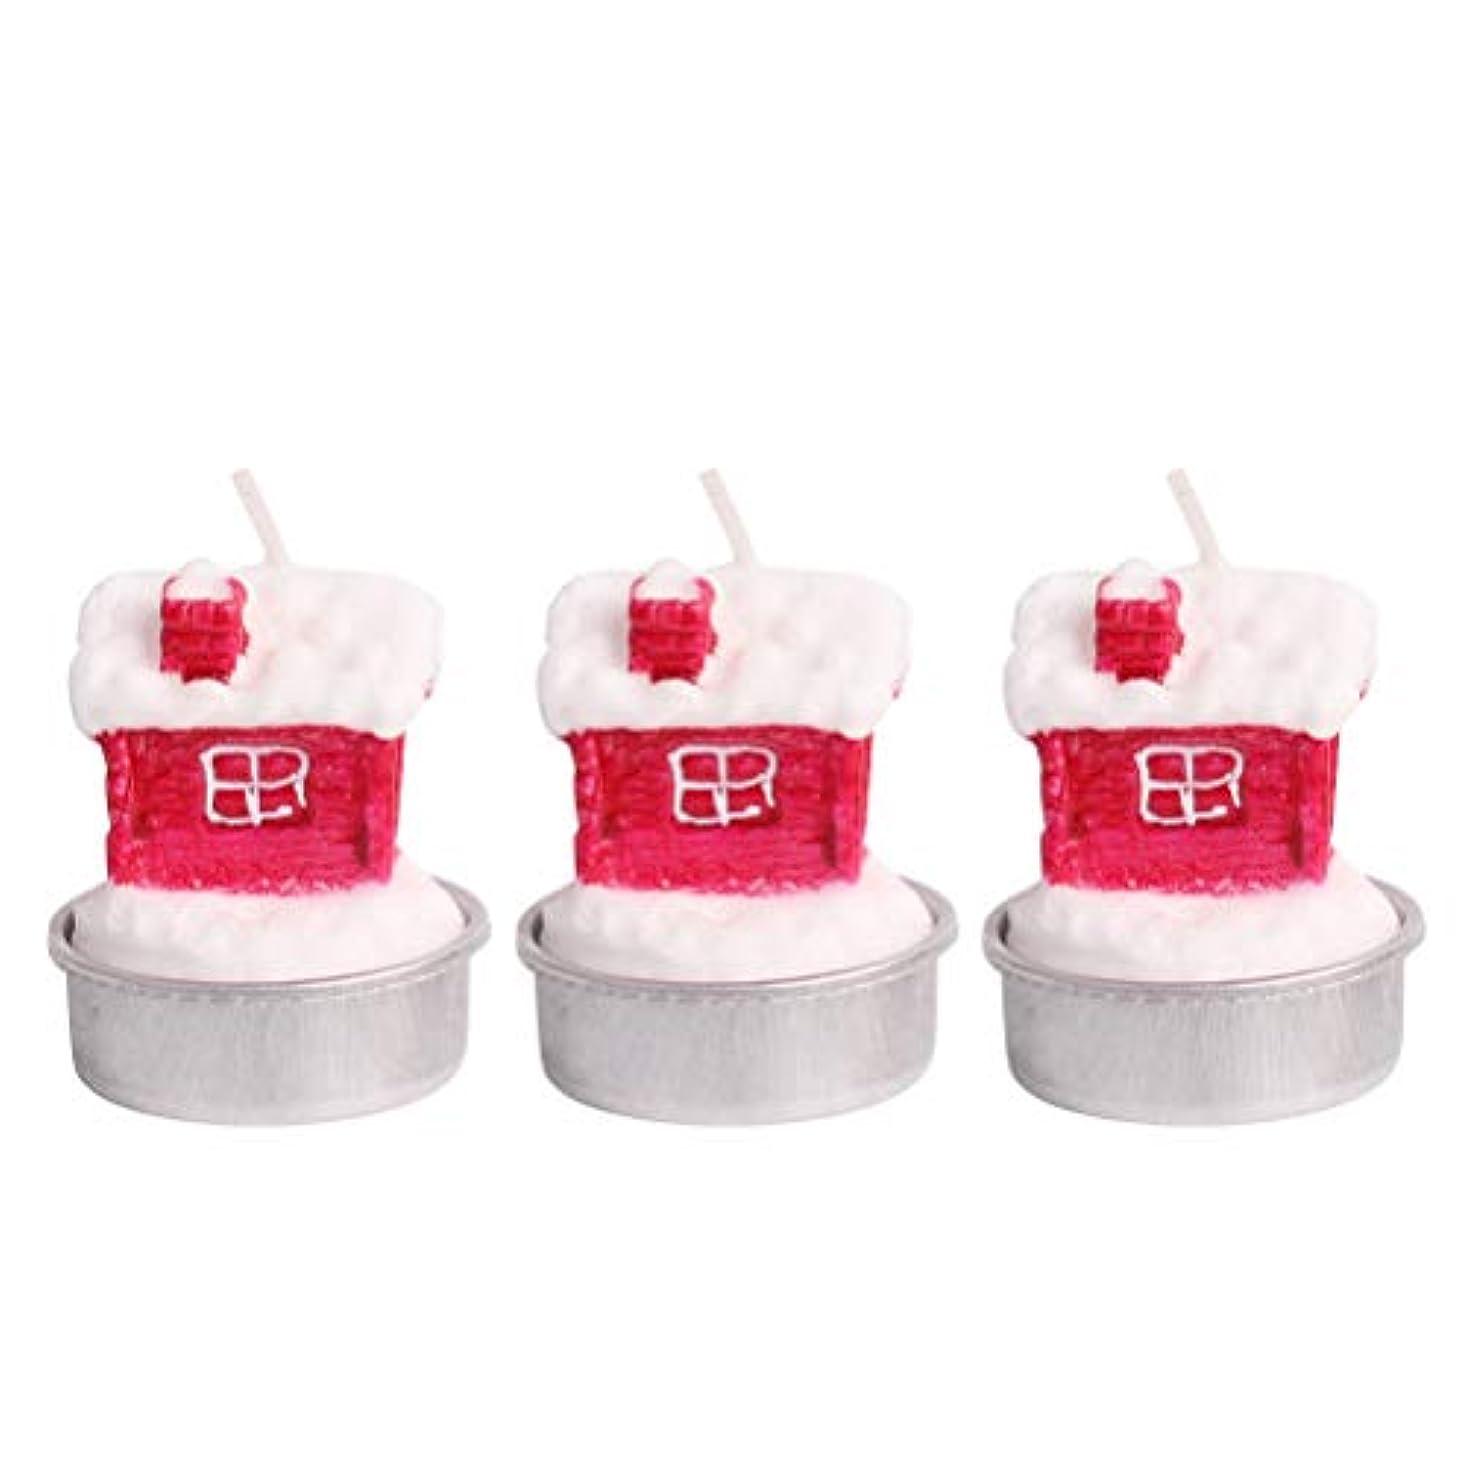 傾向があります入るウイルスBESTOYARD ホルダー付きクリスマスキャンドルクリスマスハウステーブルデコレーション装飾品